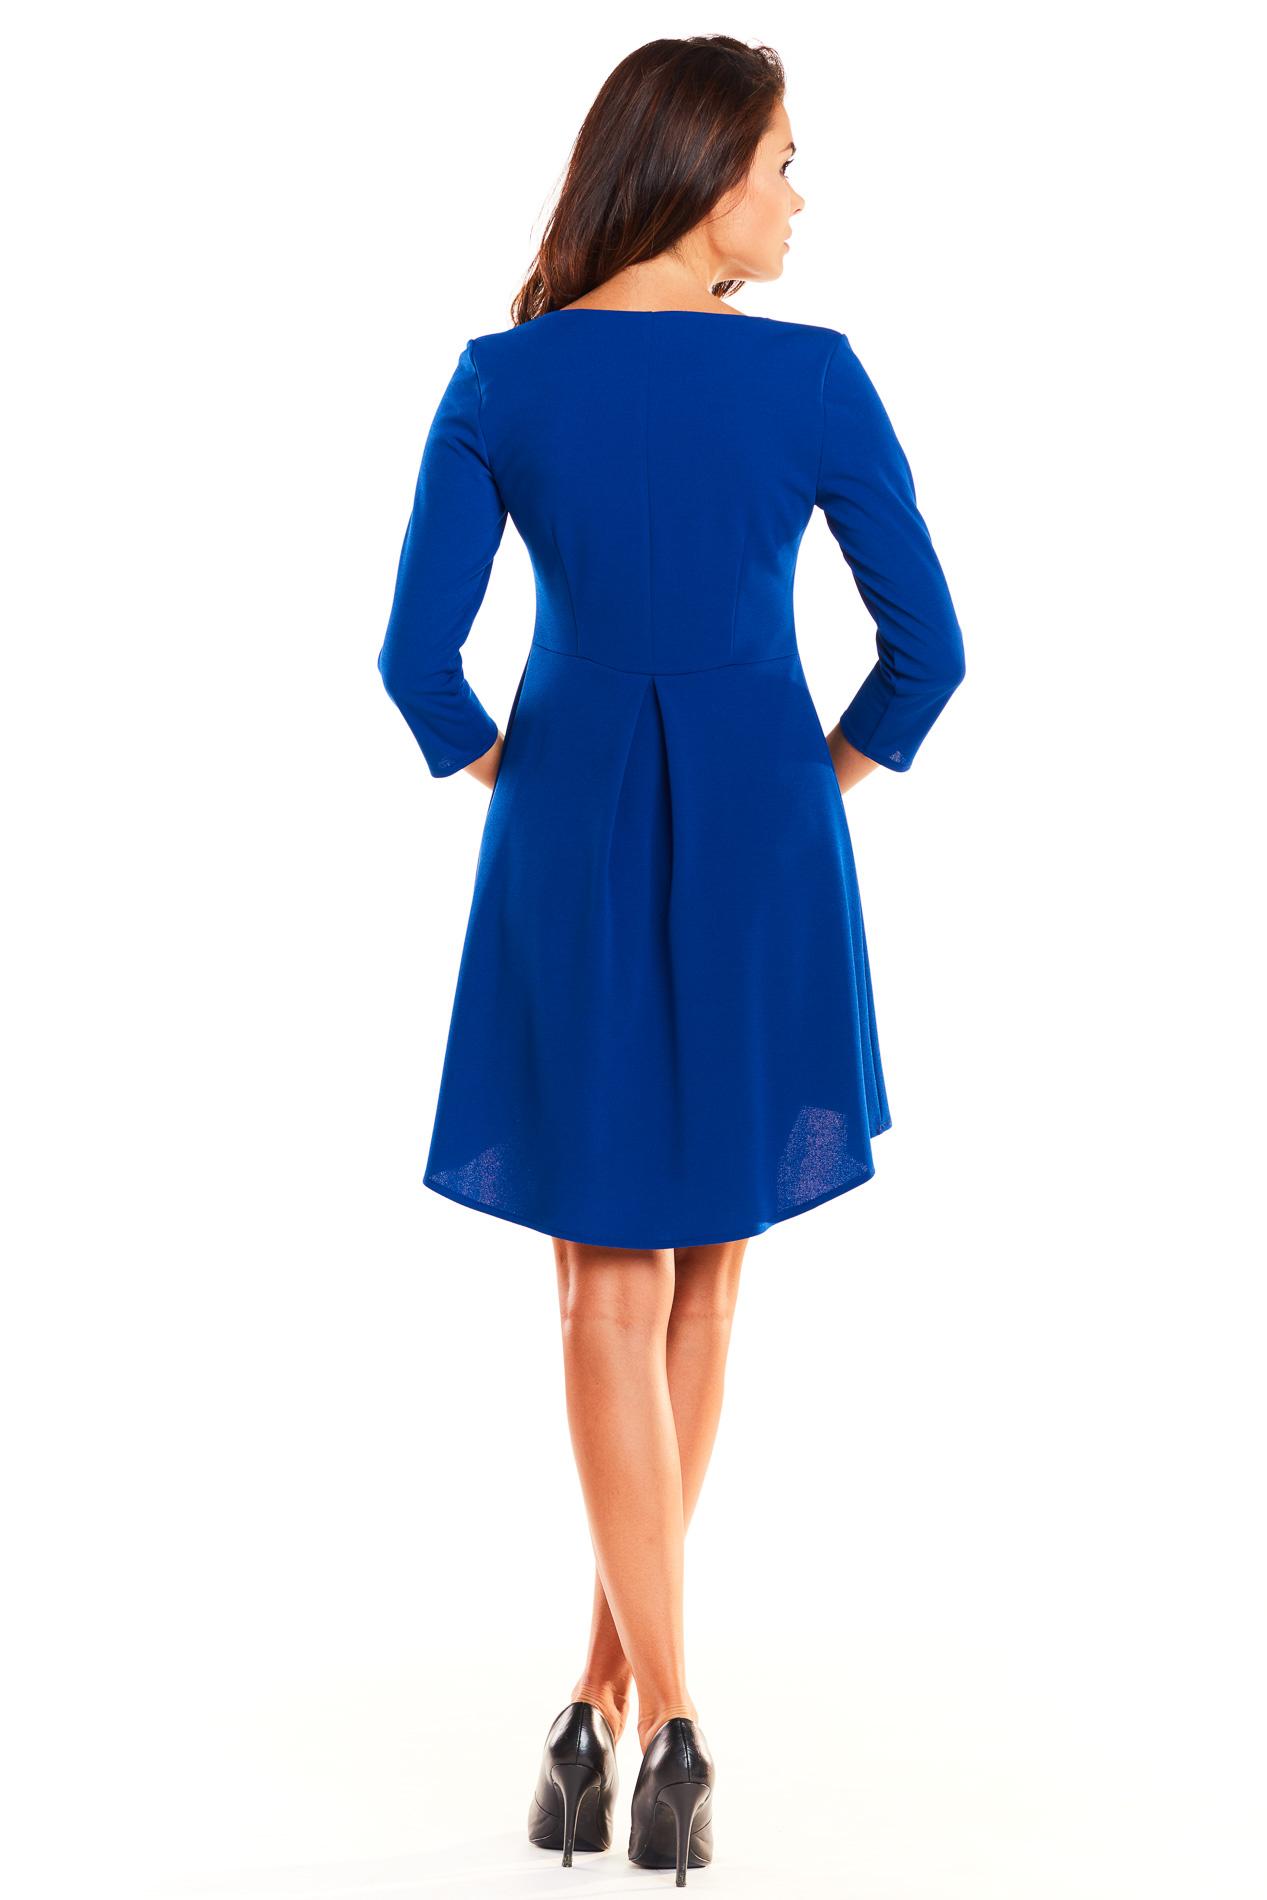 CM3926 Asymetryczna sukienka z rękawem 3/4 - niebieska